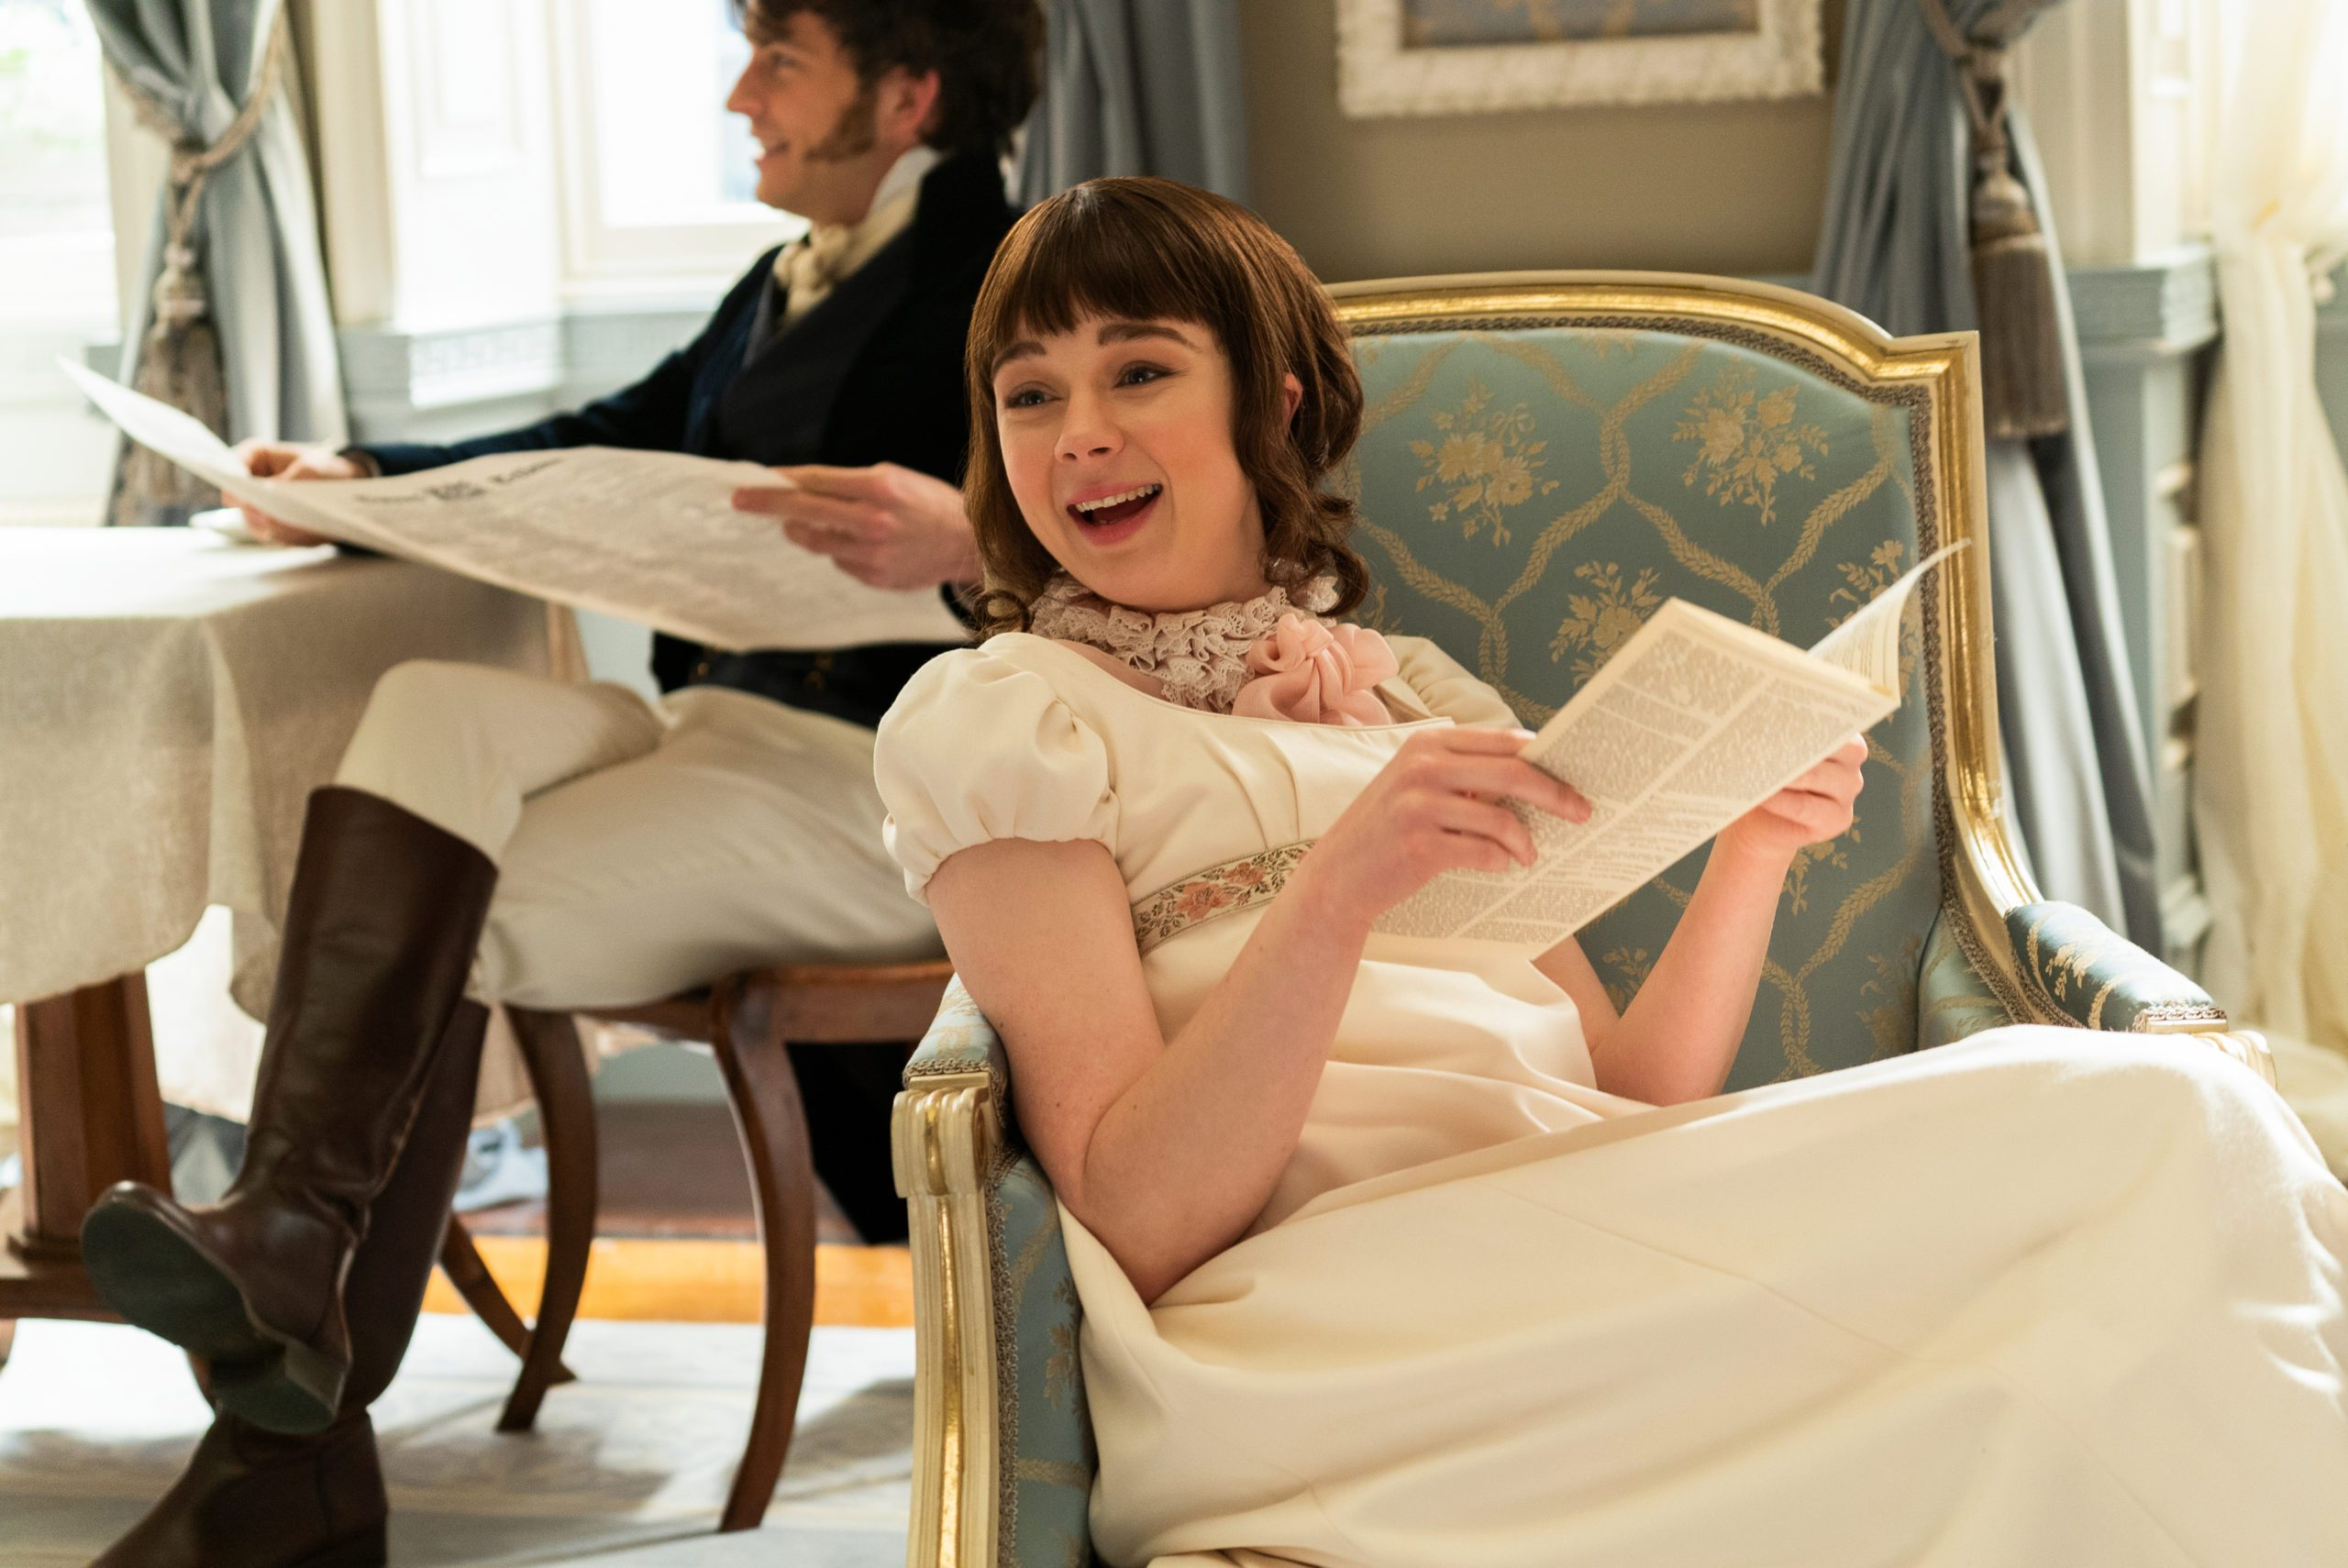 Eloise Bridgerton in the Netflix show, Bridgerton